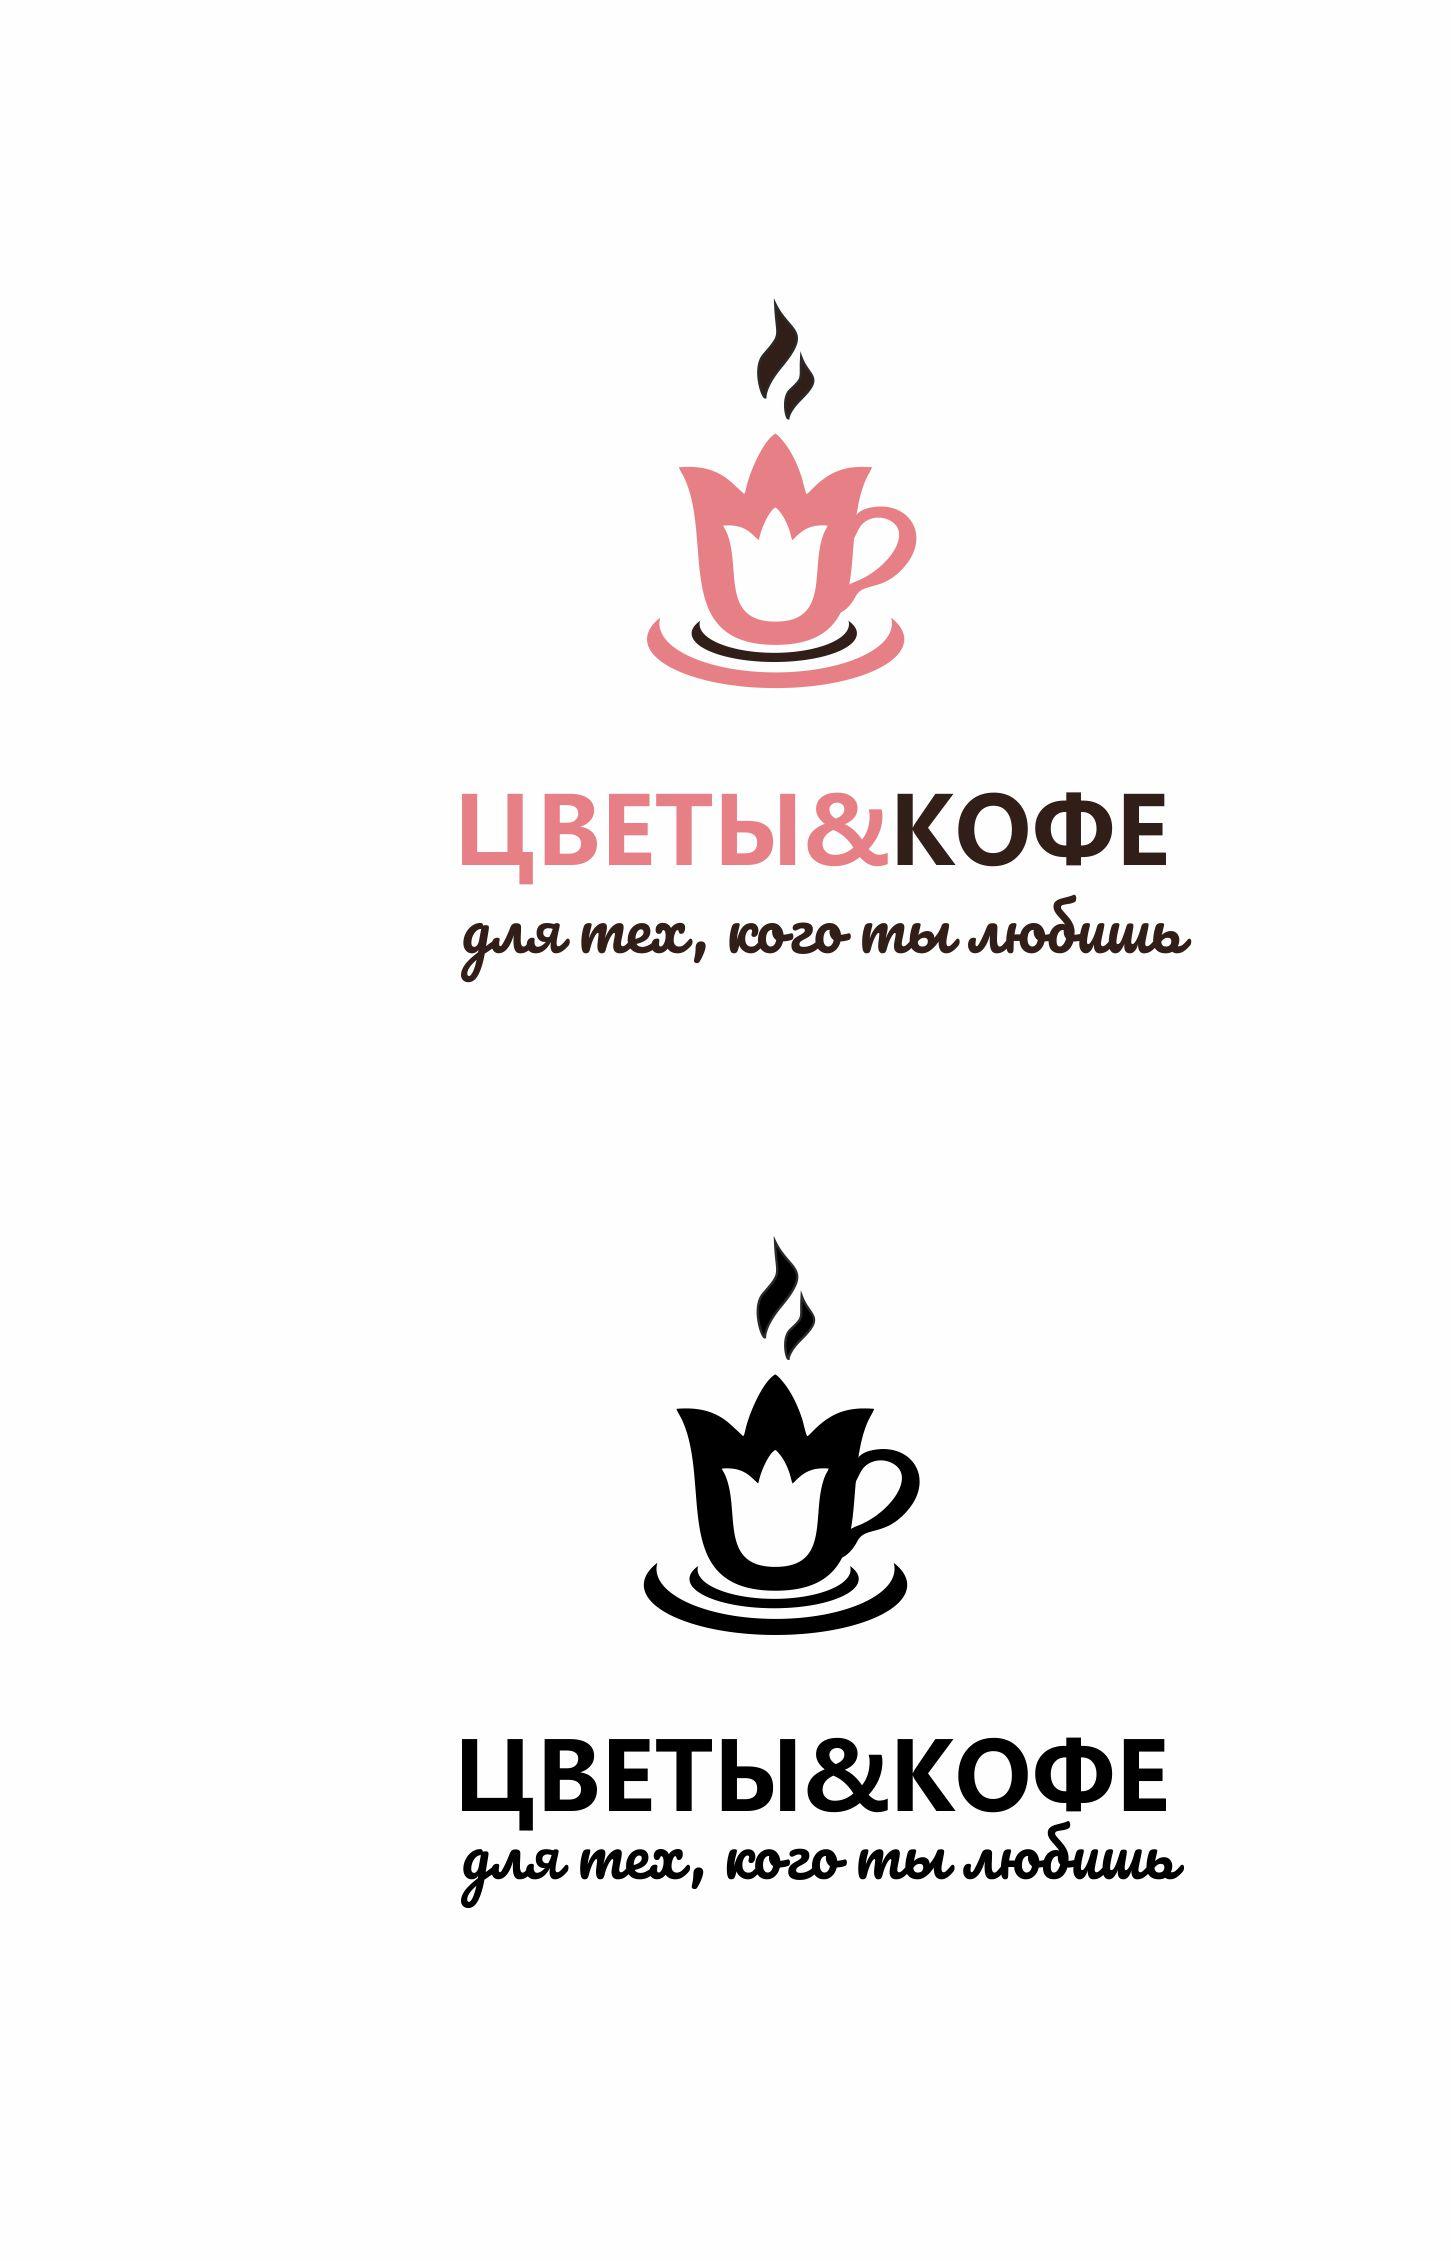 Логотип для ЦВЕТОКОД  фото f_4735d02192481ddb.jpg